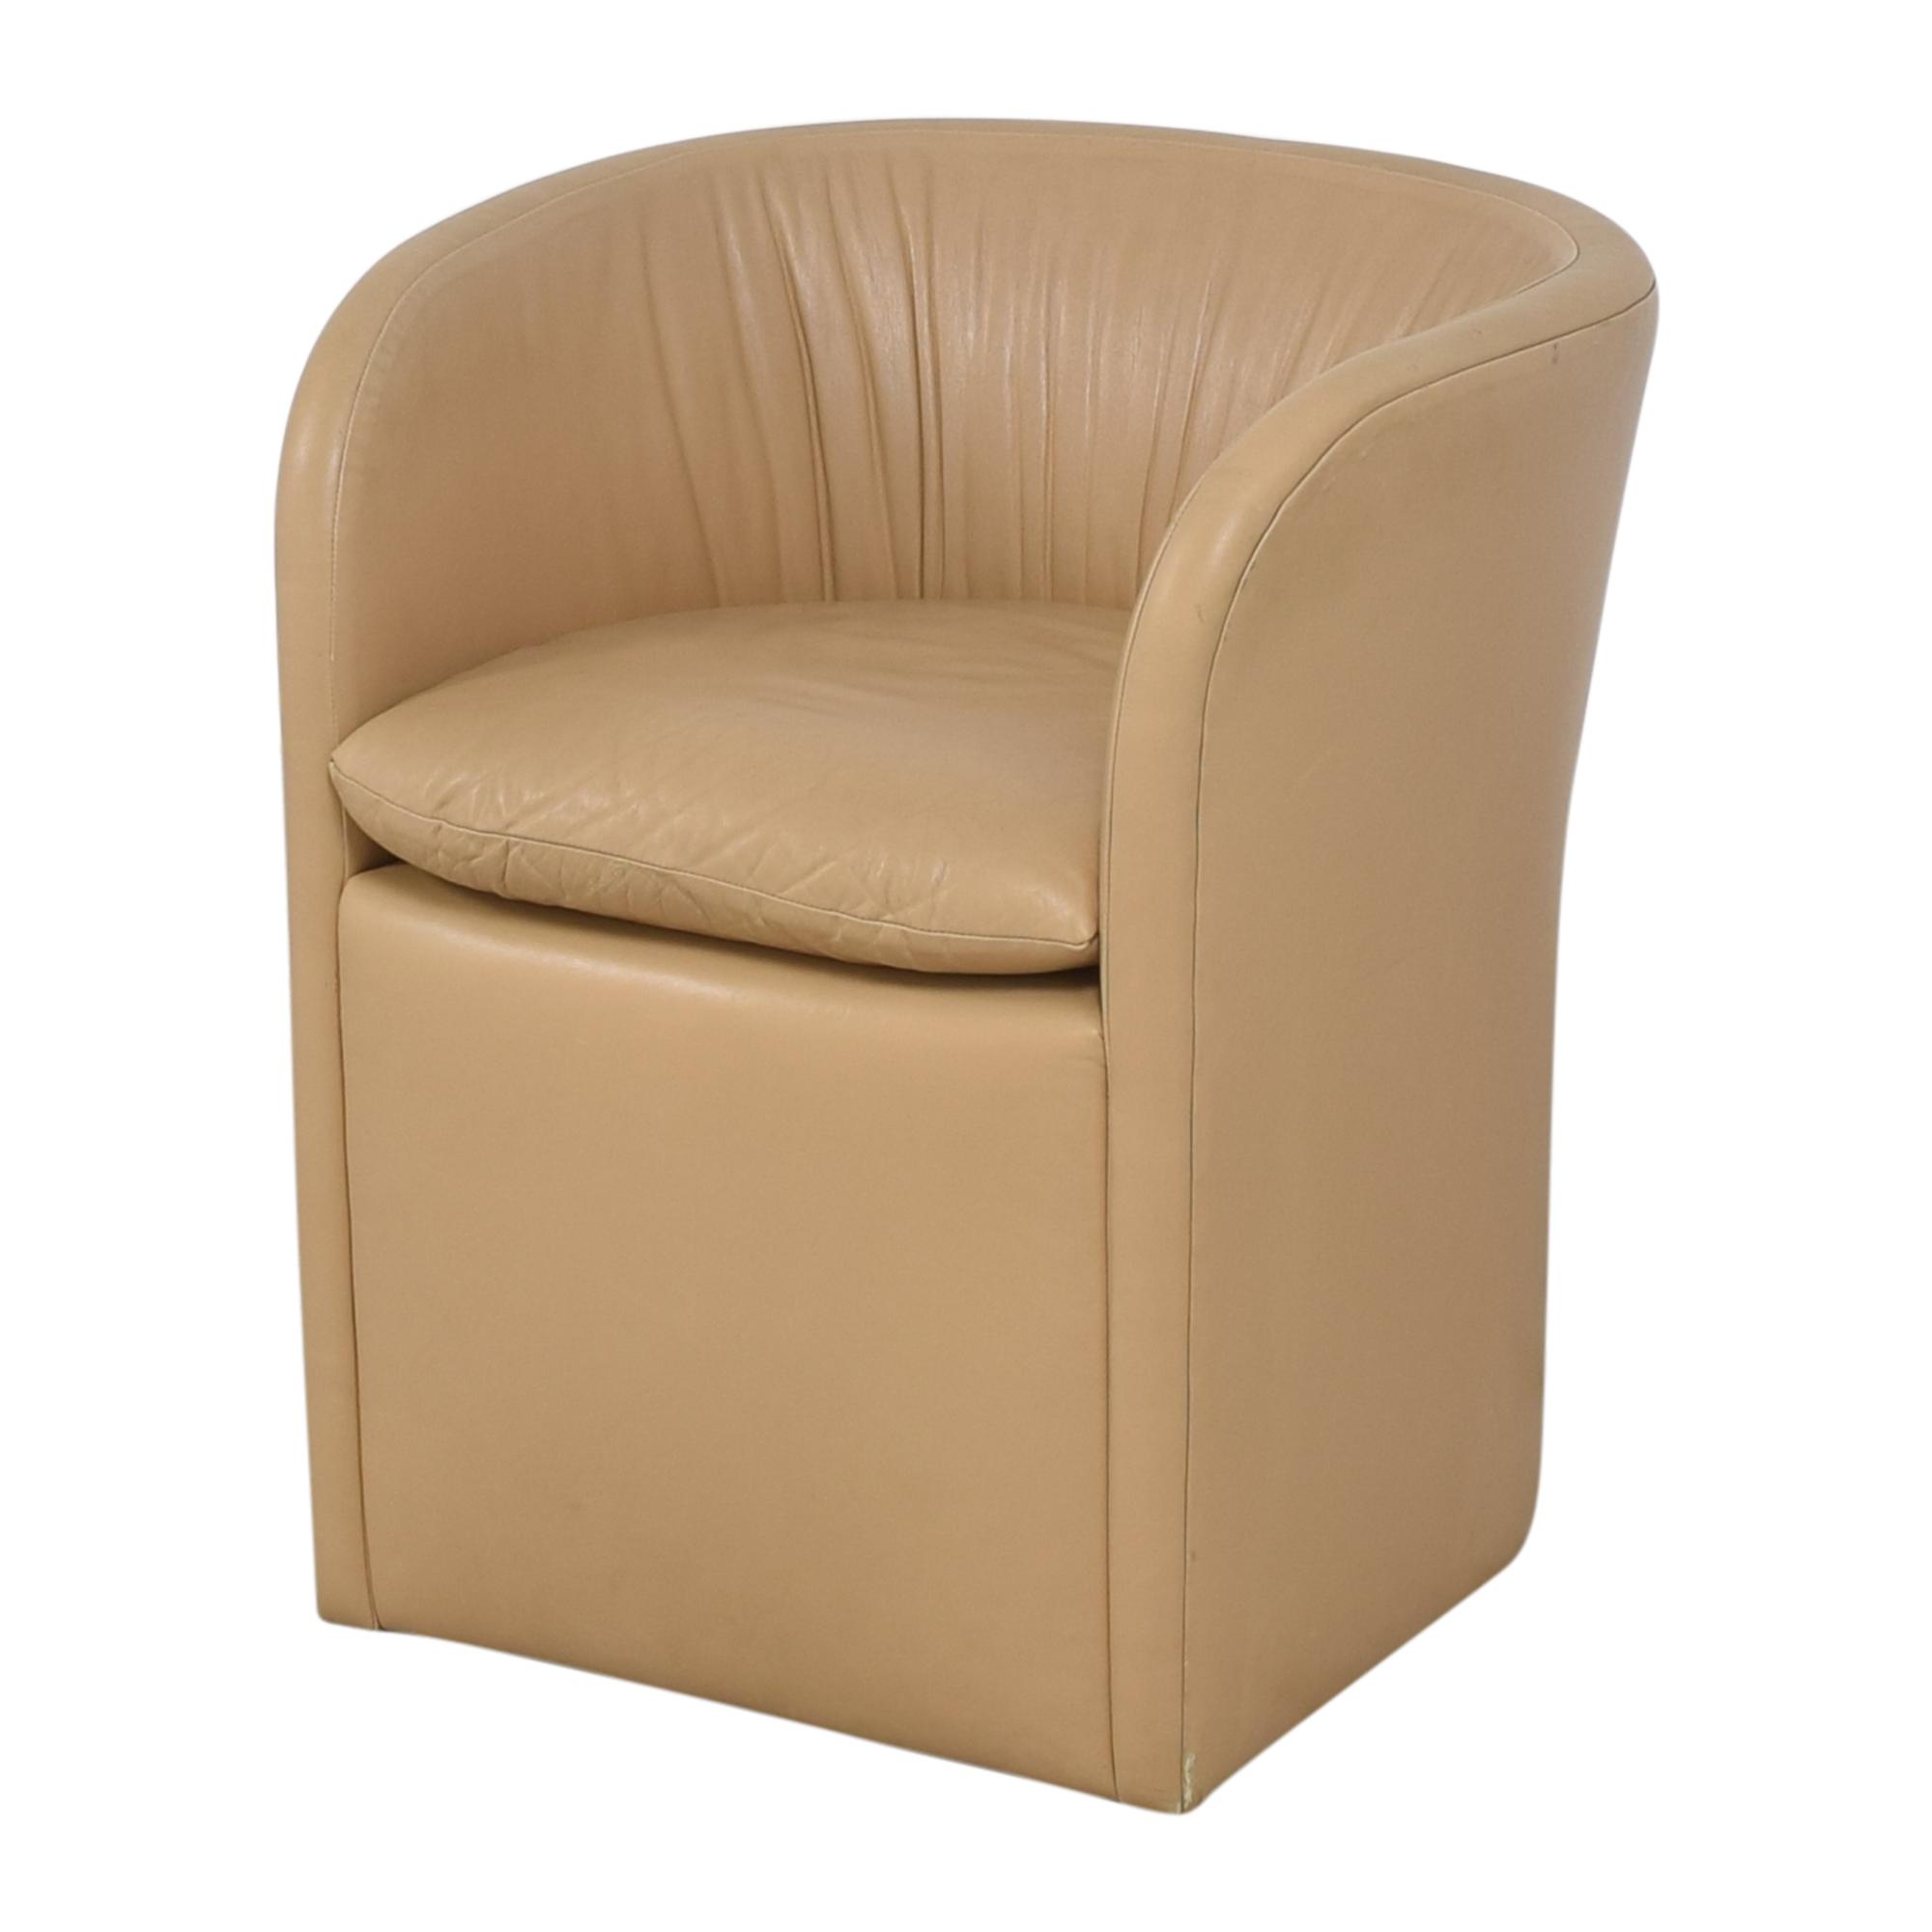 shop David Edward David Edward by John Saladino Barrel Chair online